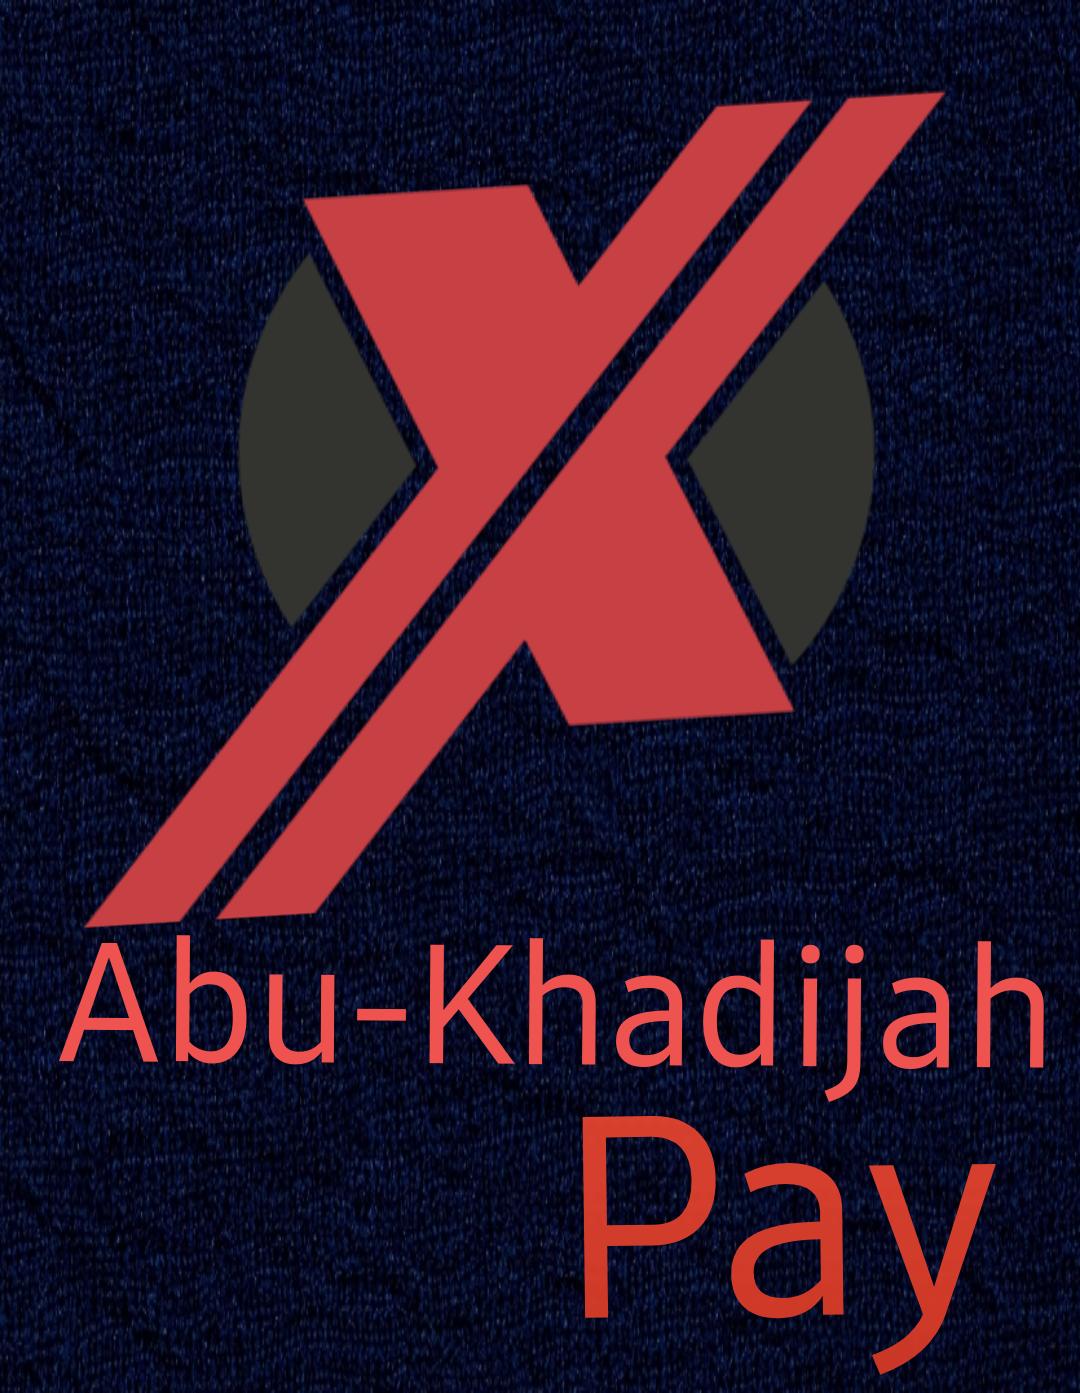 Abu-khadija pay